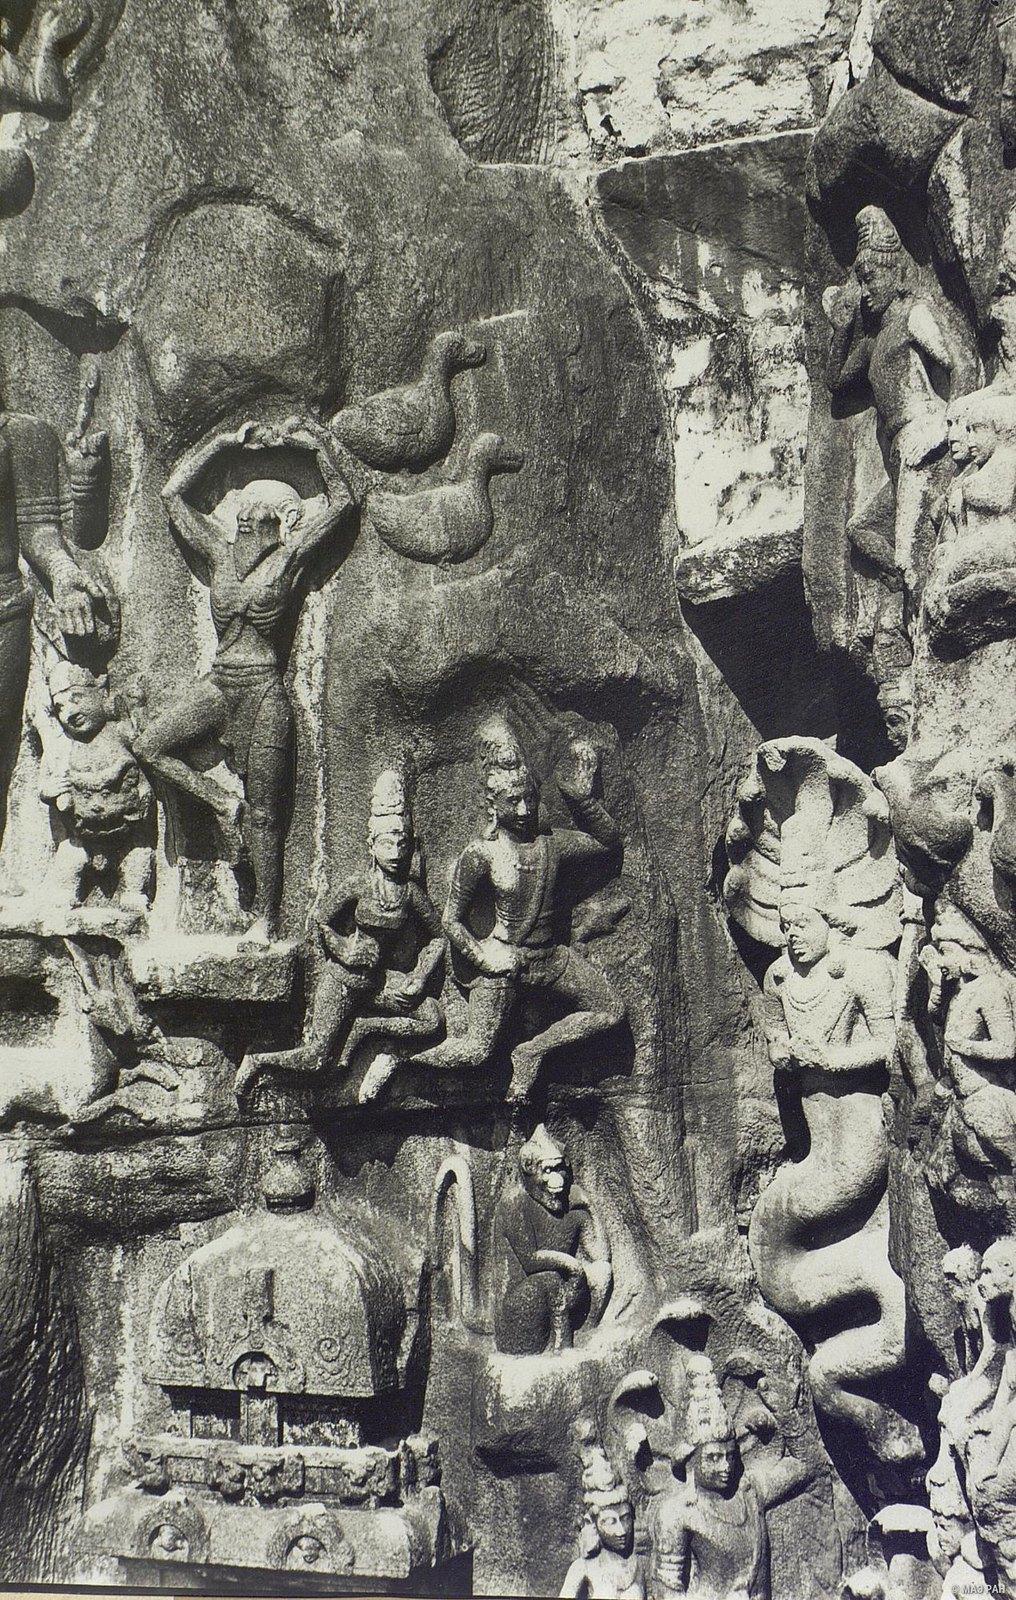 Мамаллапур (рельефы «Арджуна в подвижничестве» и «Летящие птицы и гандхарва с апсарой»)